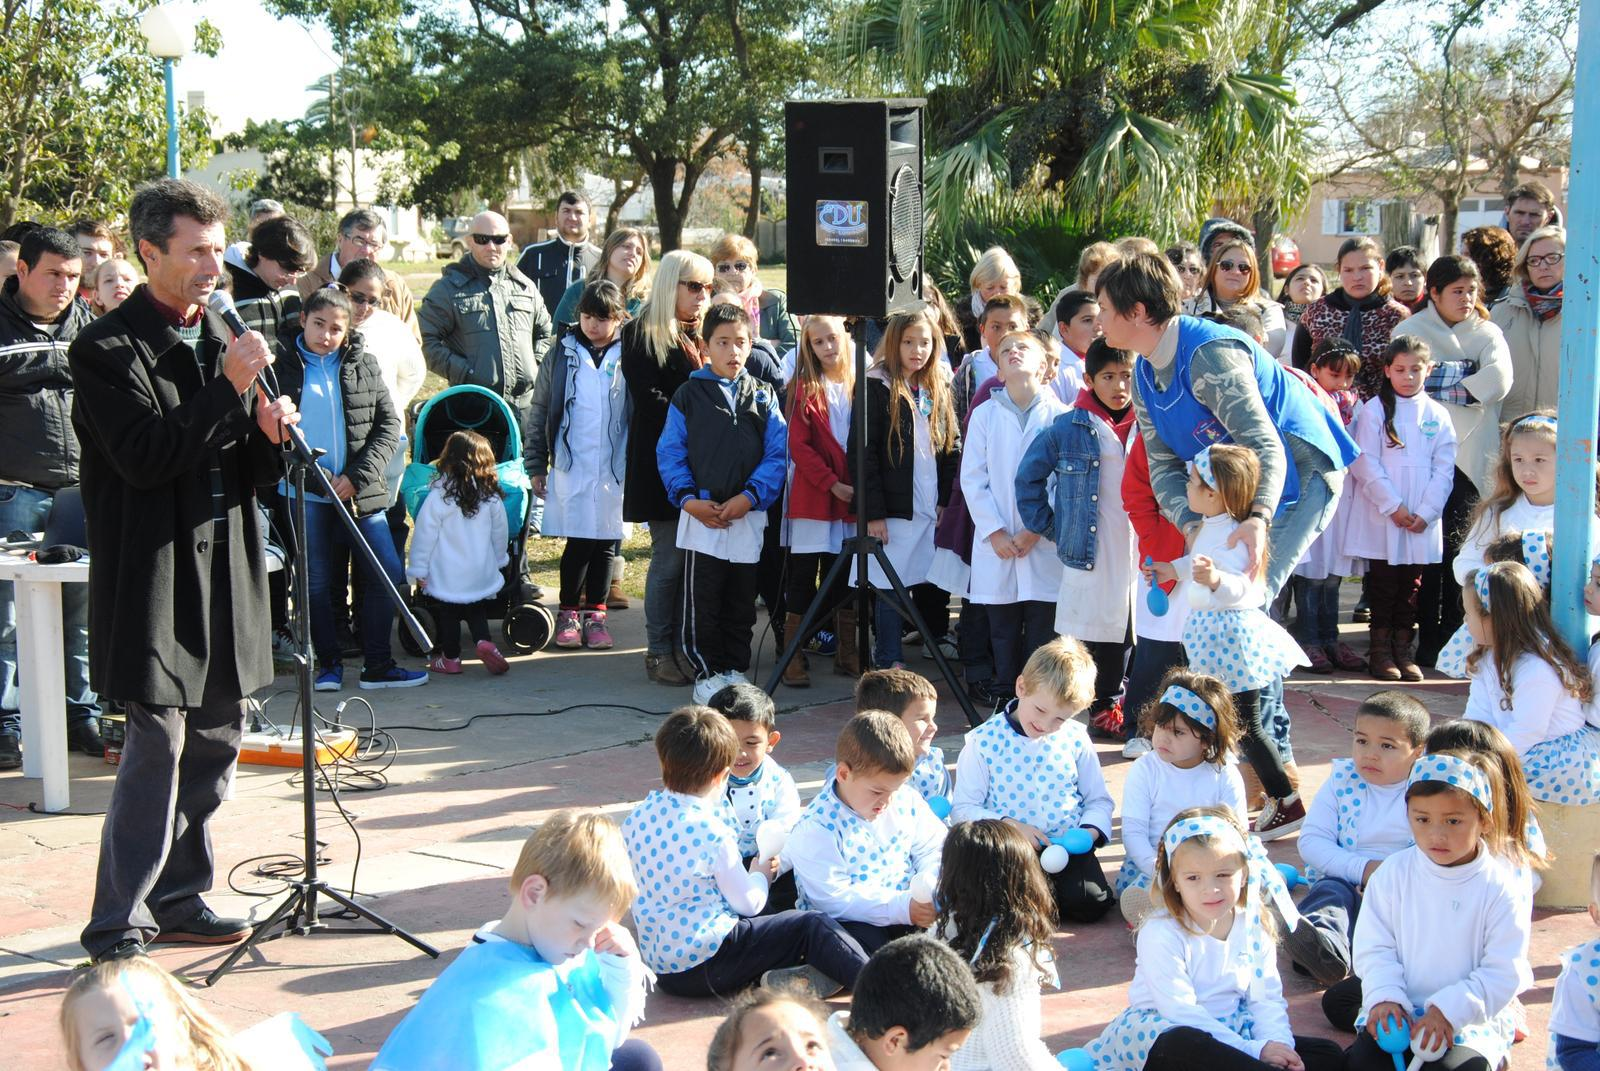 El 20 de junio se celebr en la plaza de tacural for Jardin 901 vicente lopez